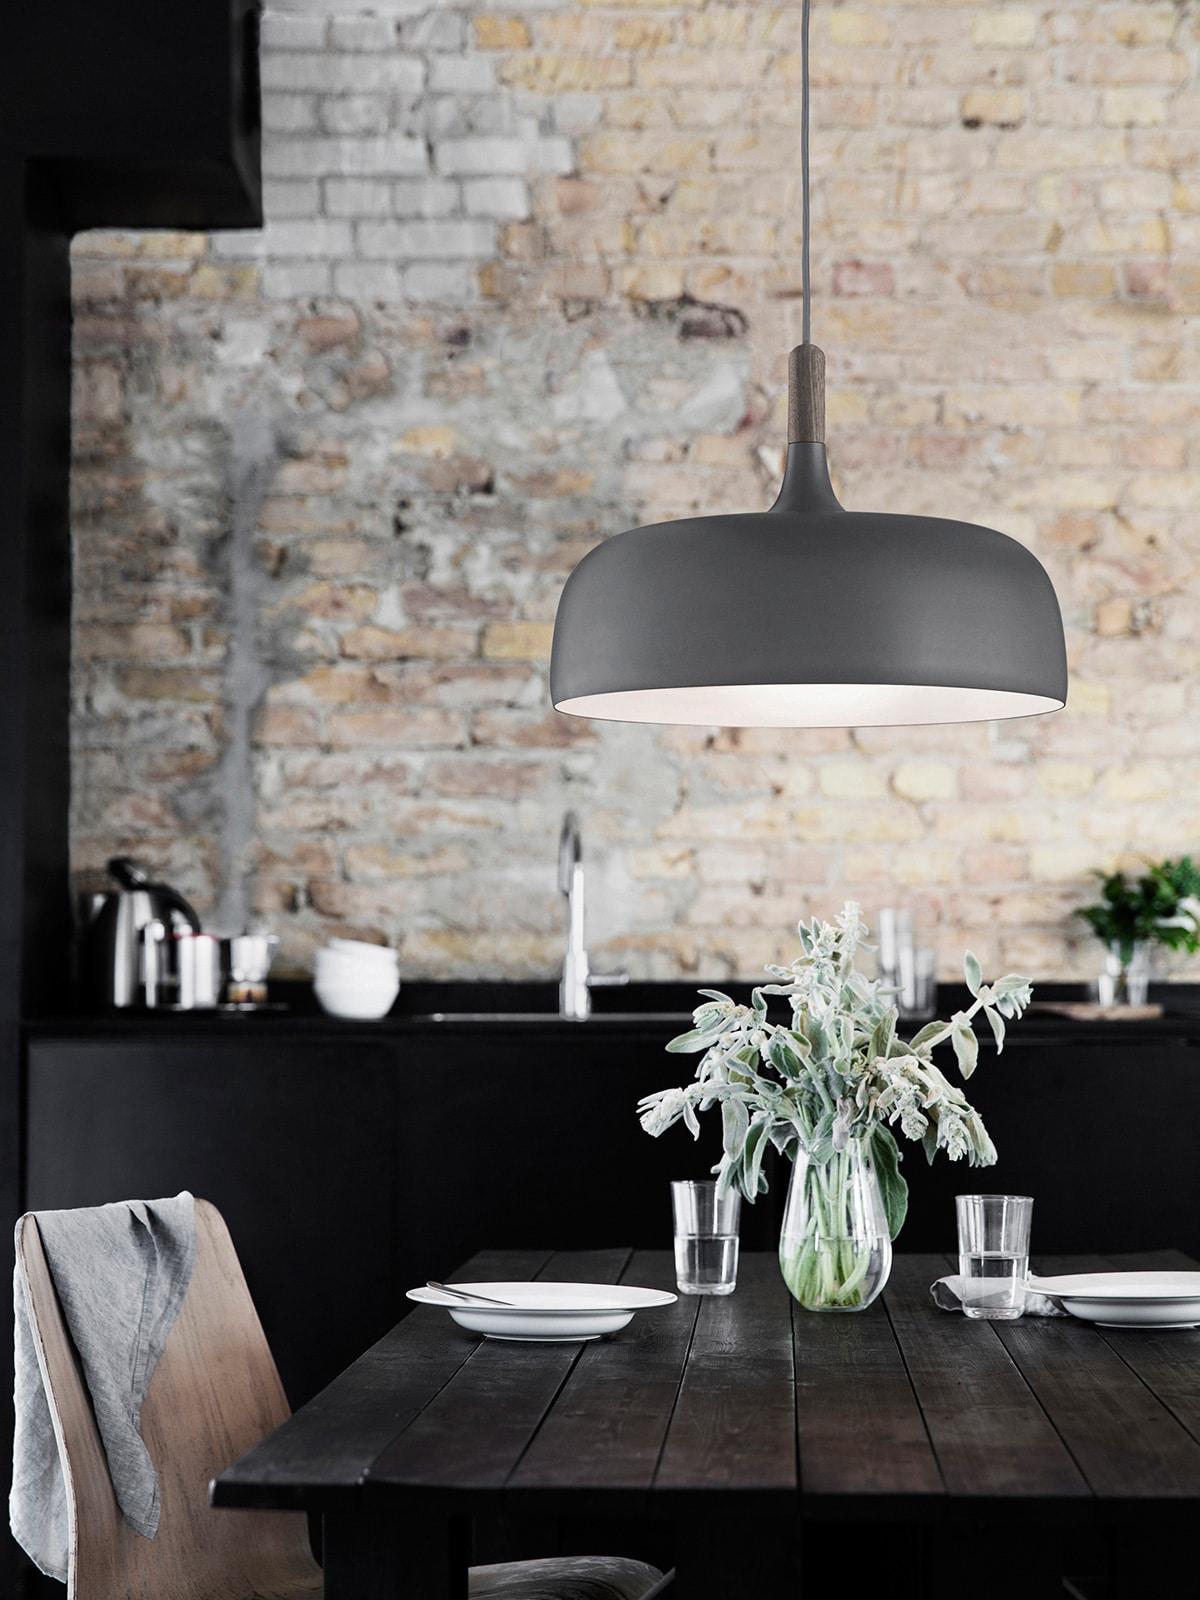 DesignOrt Blog: Esstischleuchten #skandinavisch #design #lampe #wohnen